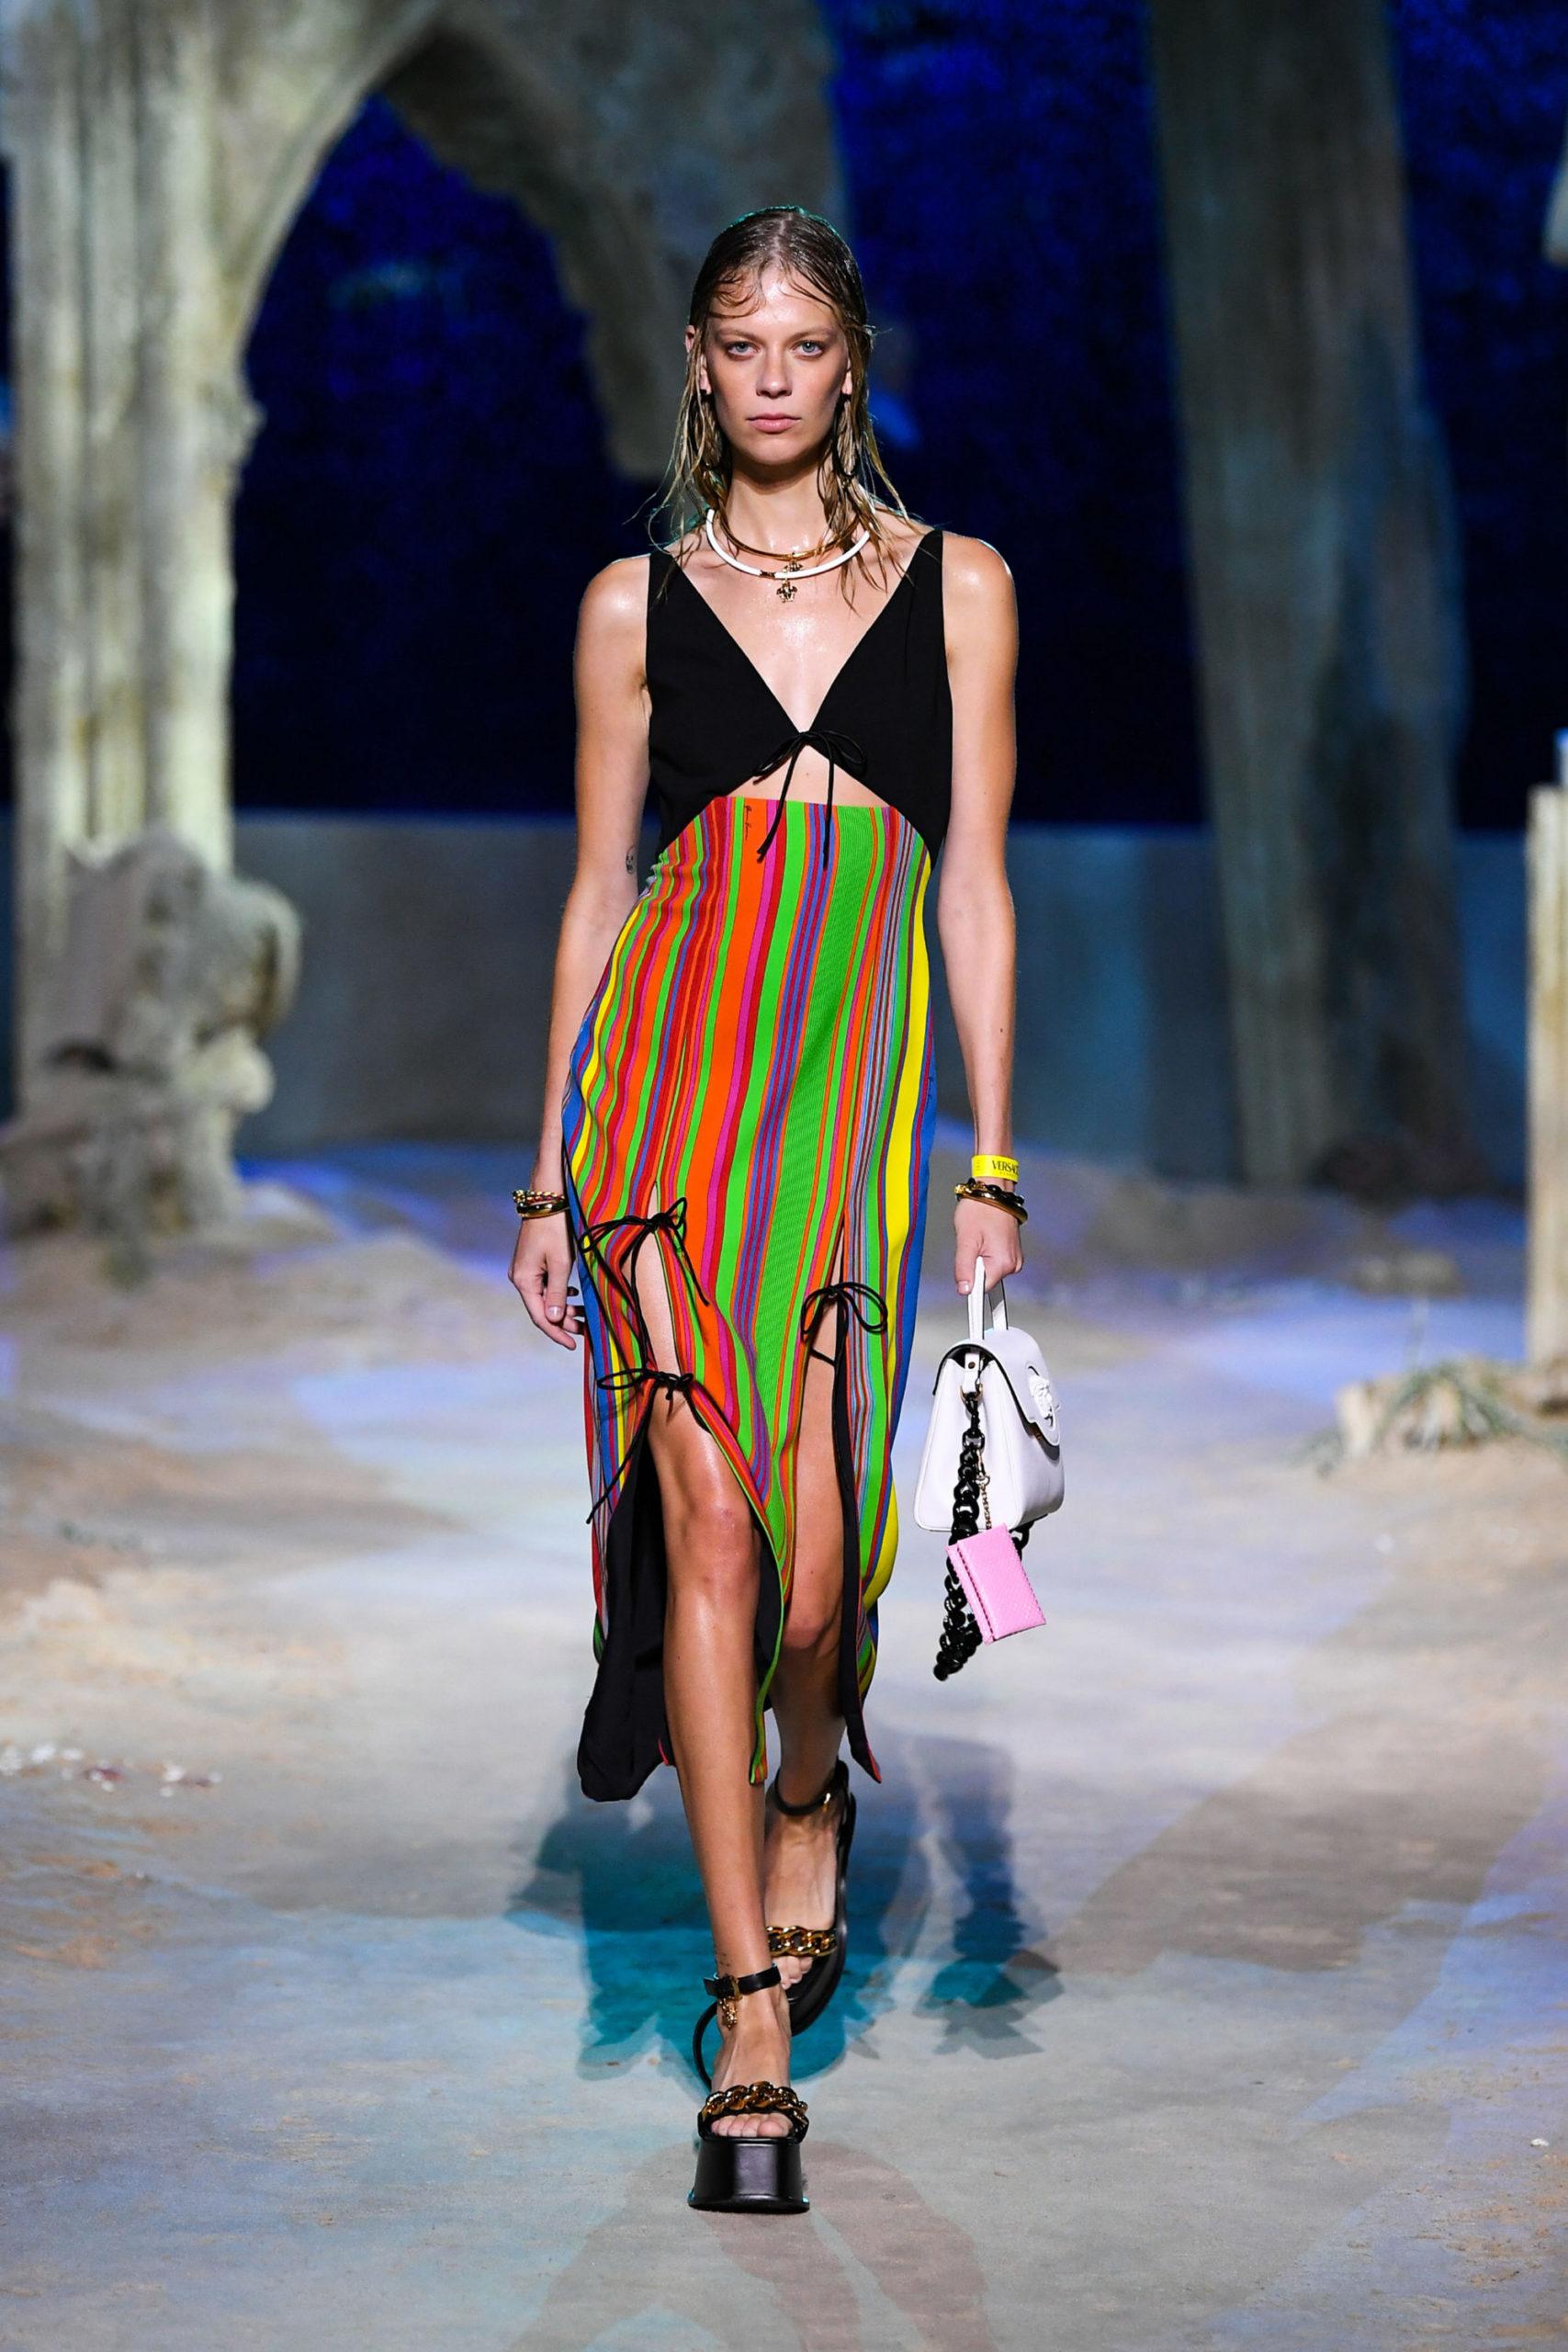 Платье с вырезом от Versace модель 2021 года